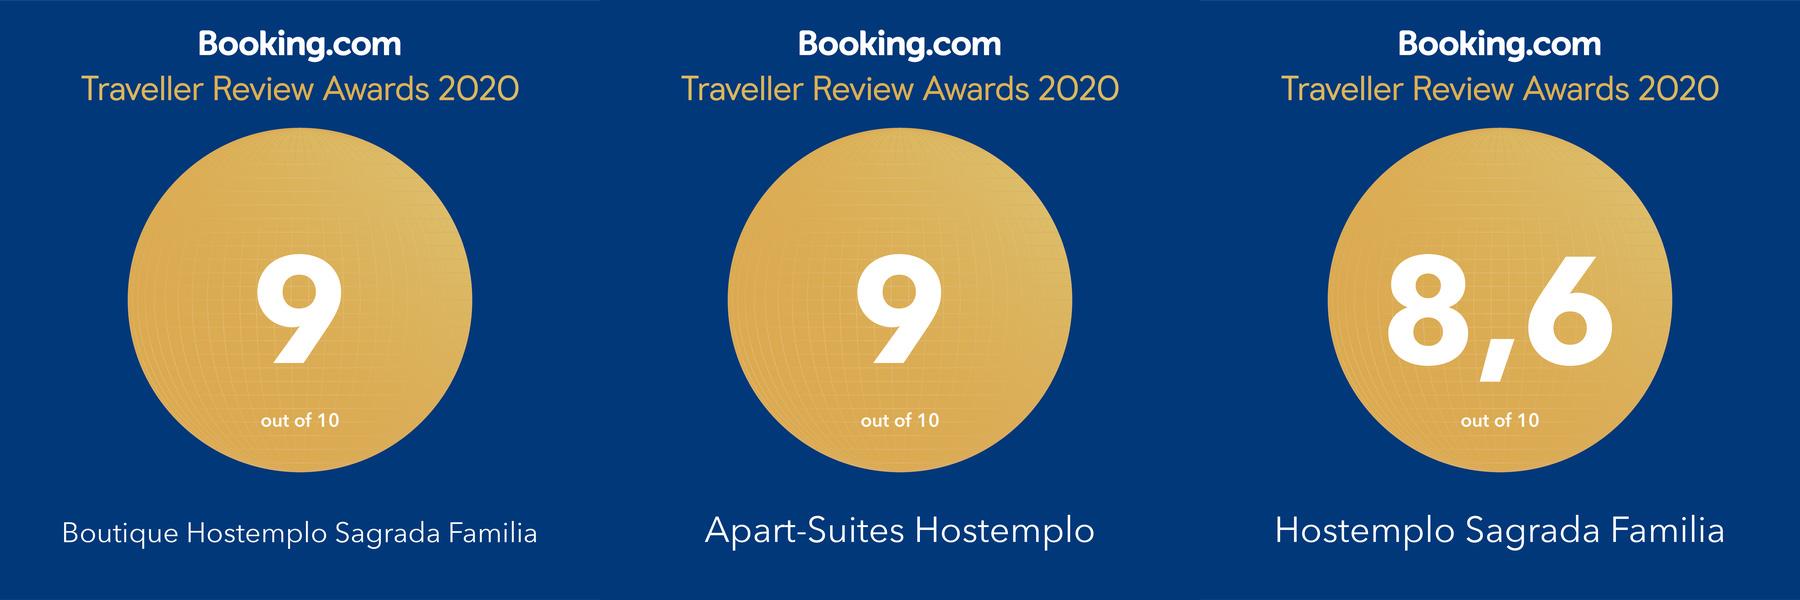 En diciembre de 2019 Hostemplo recibe una valoración de 9 según la prestigiosa Booking.com.